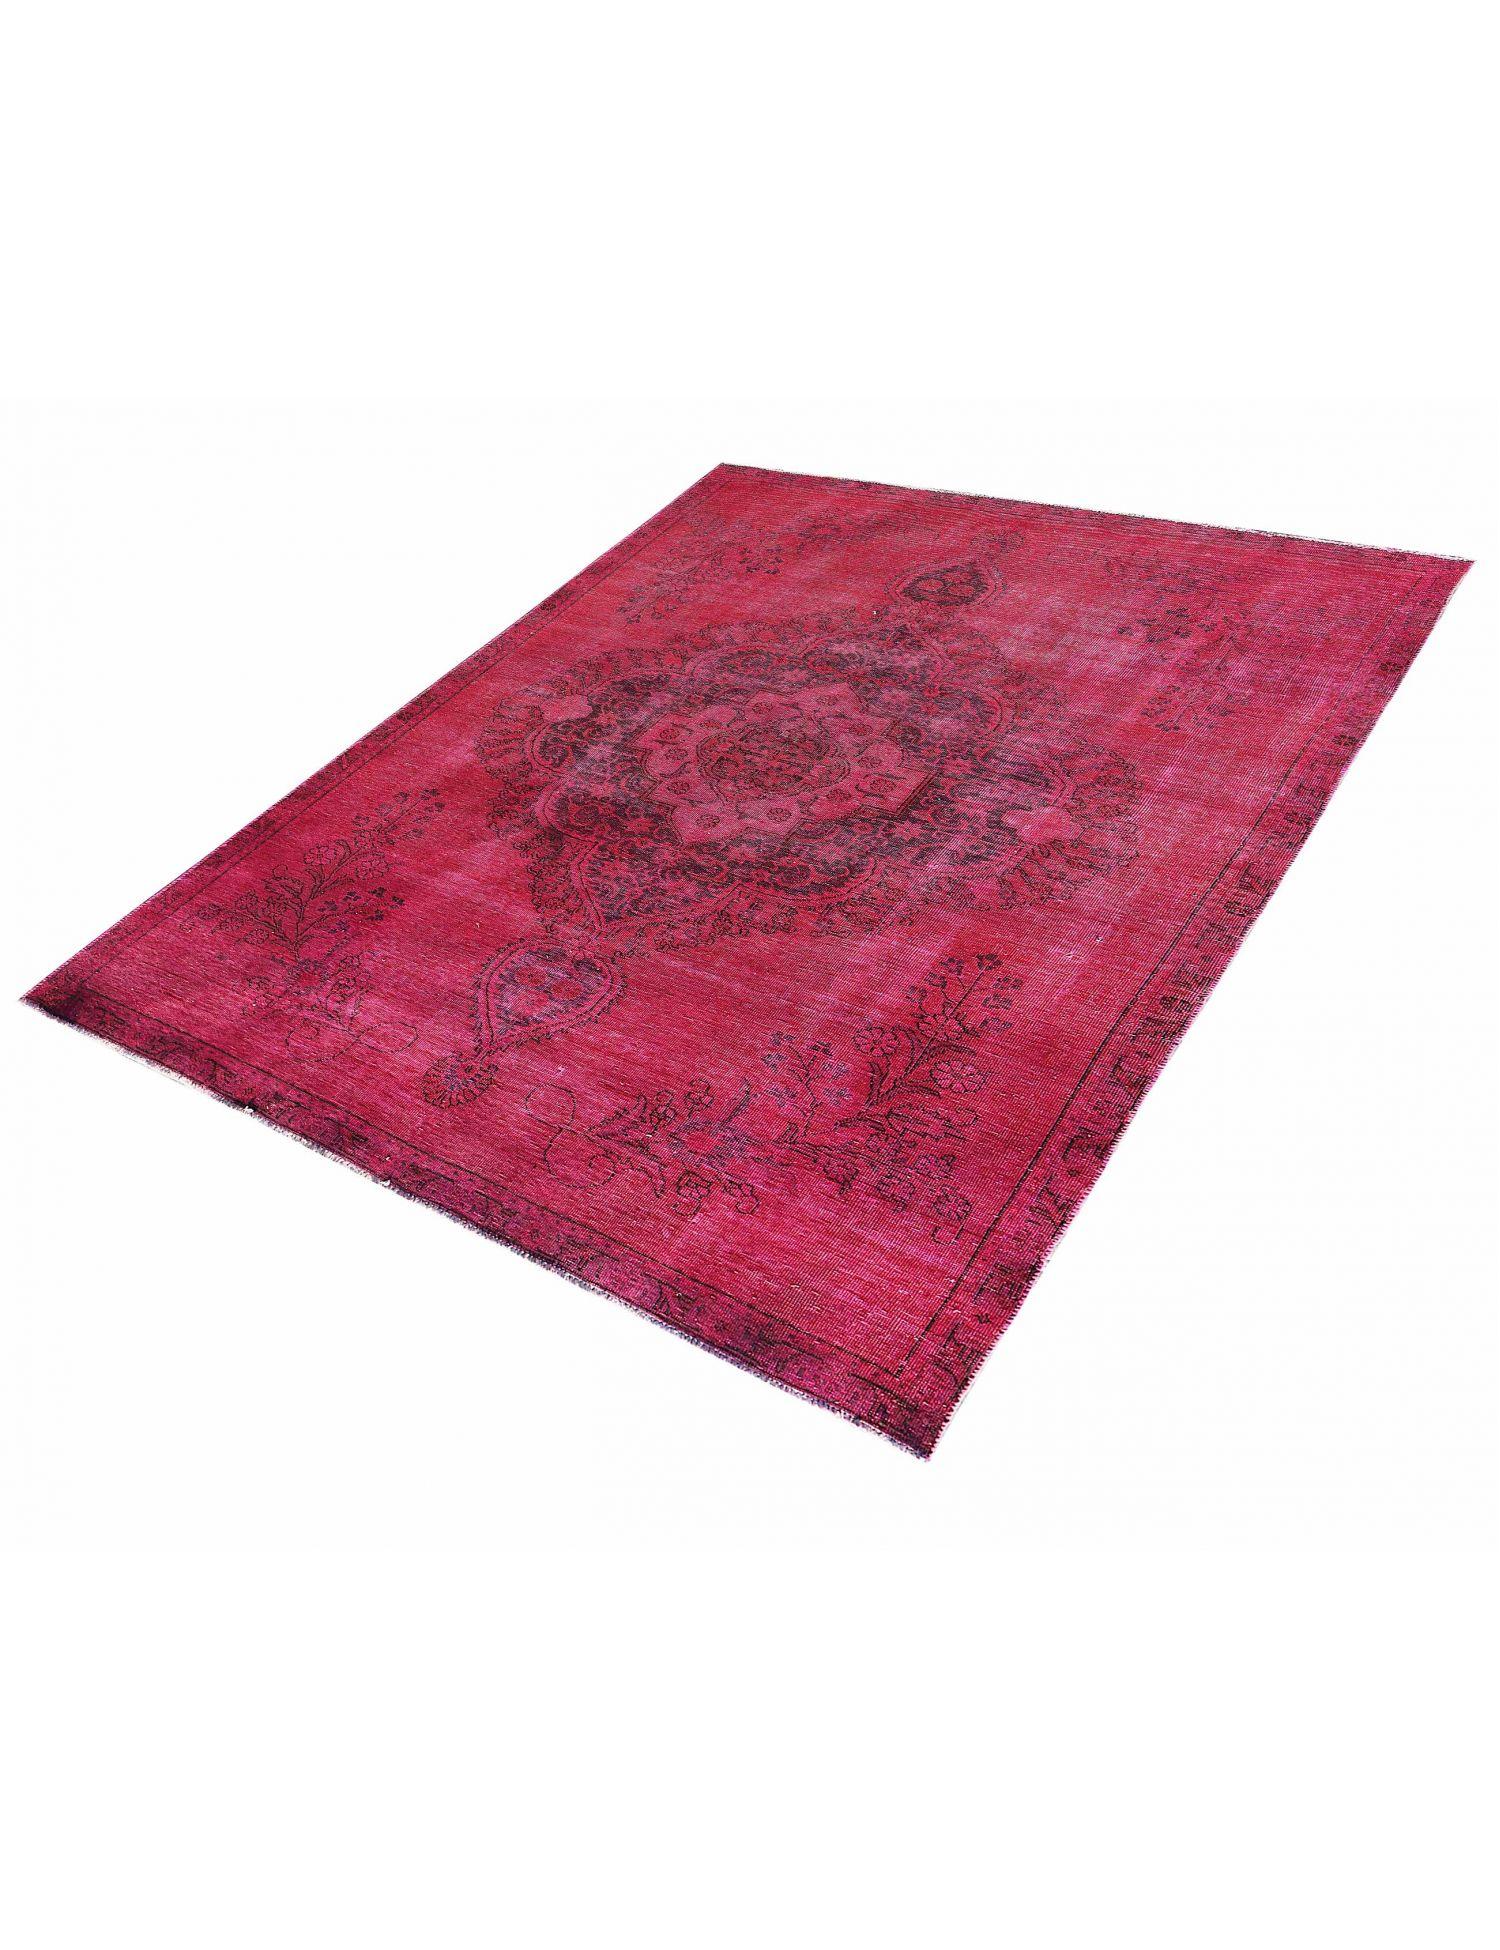 Vintage Teppich  rosa <br/>325 x 226 cm